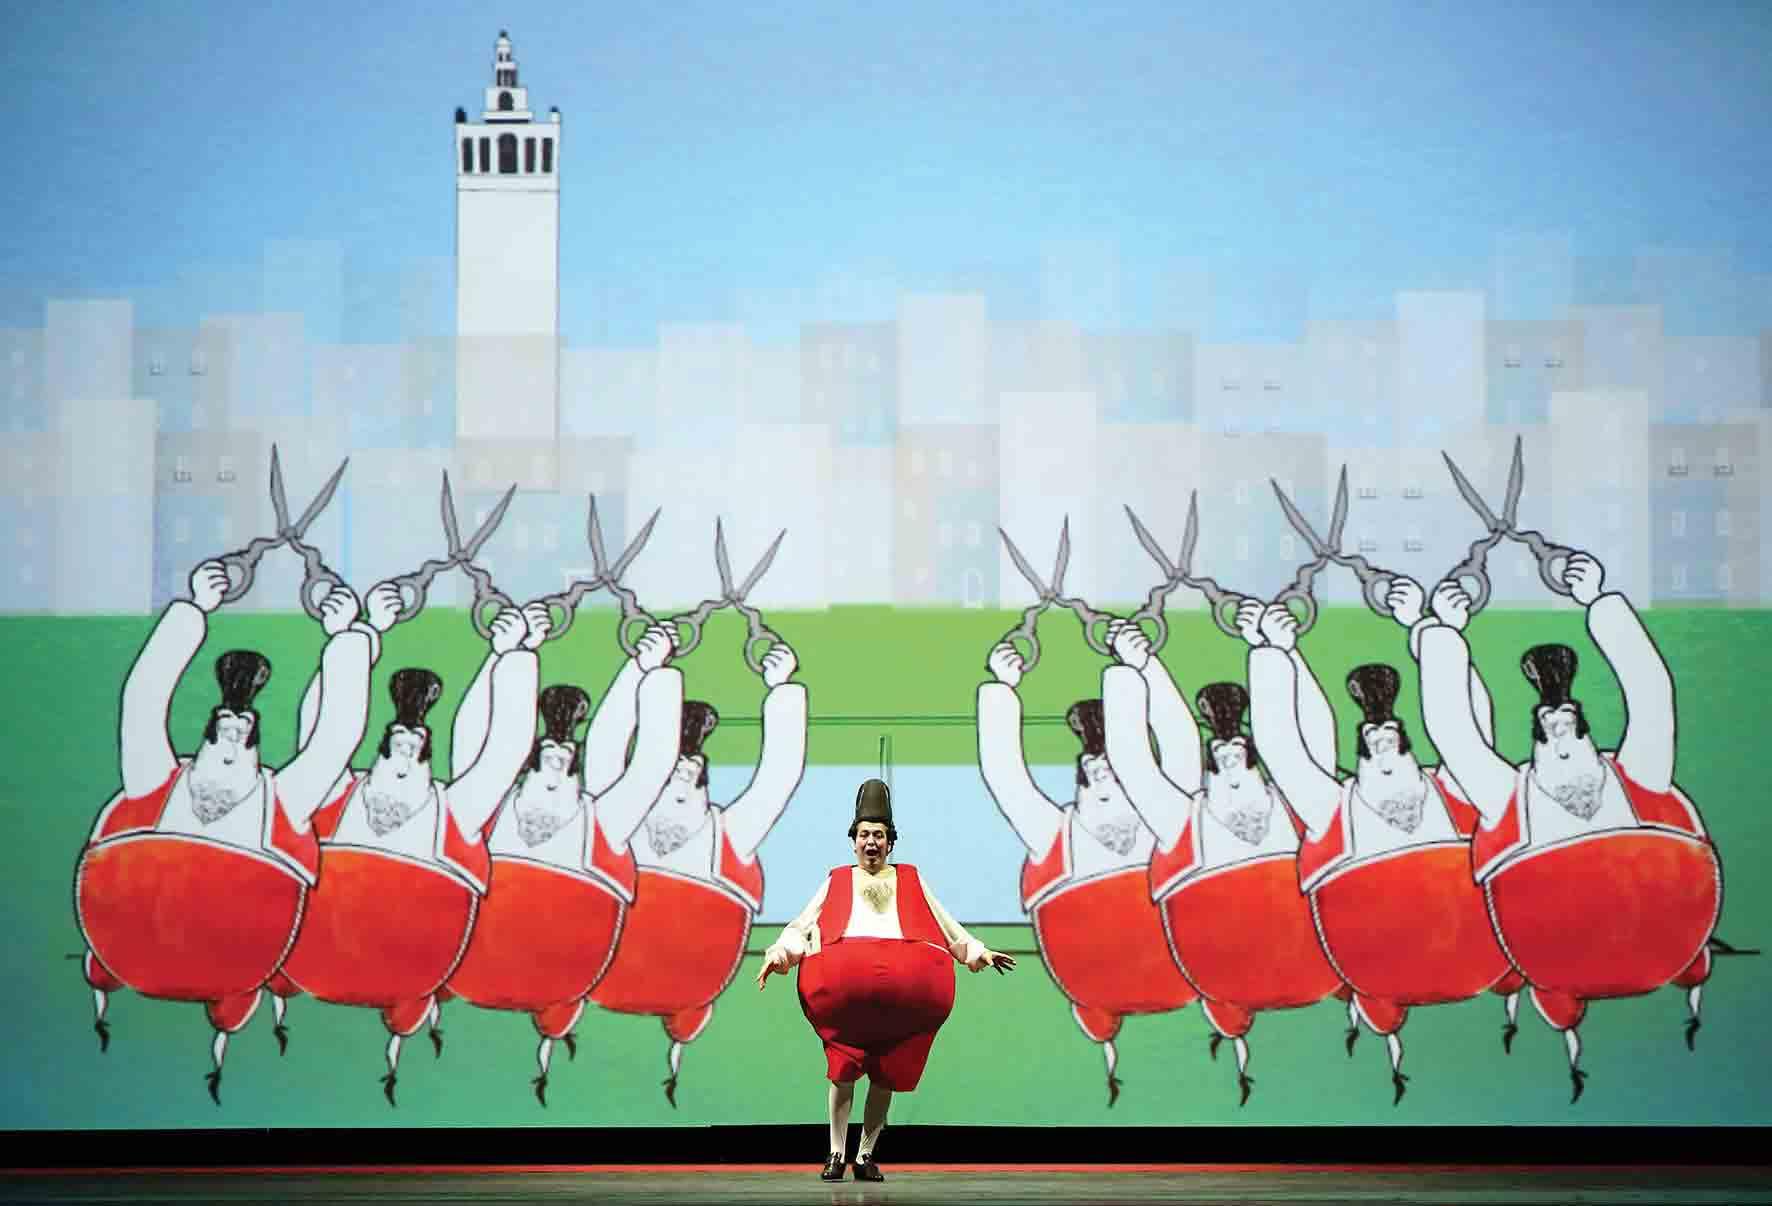 Fondazione arena 2015 Barbiere Siviglia FotoEnnevi il nordest quotidiano